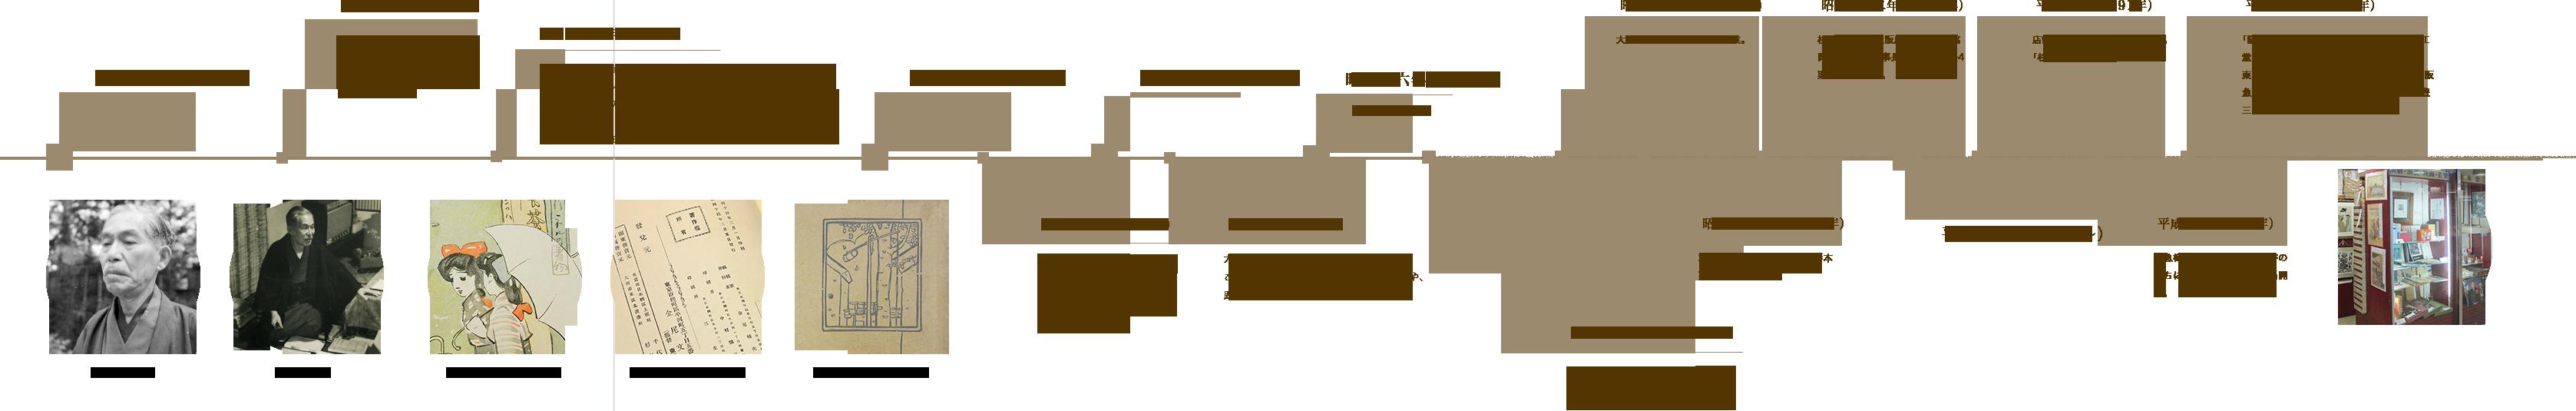 杉本梁江堂の歴史の表